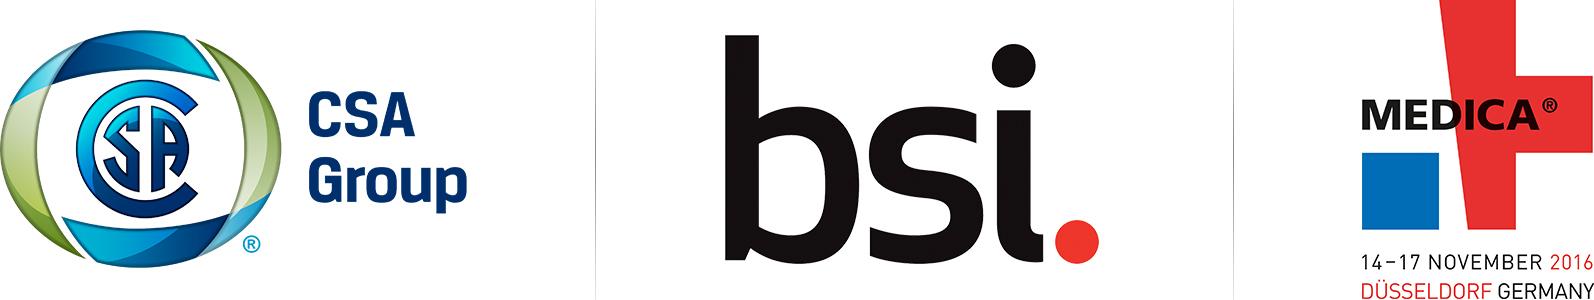 CSA_BSI_Dual_Logo_incl._Medica_Note